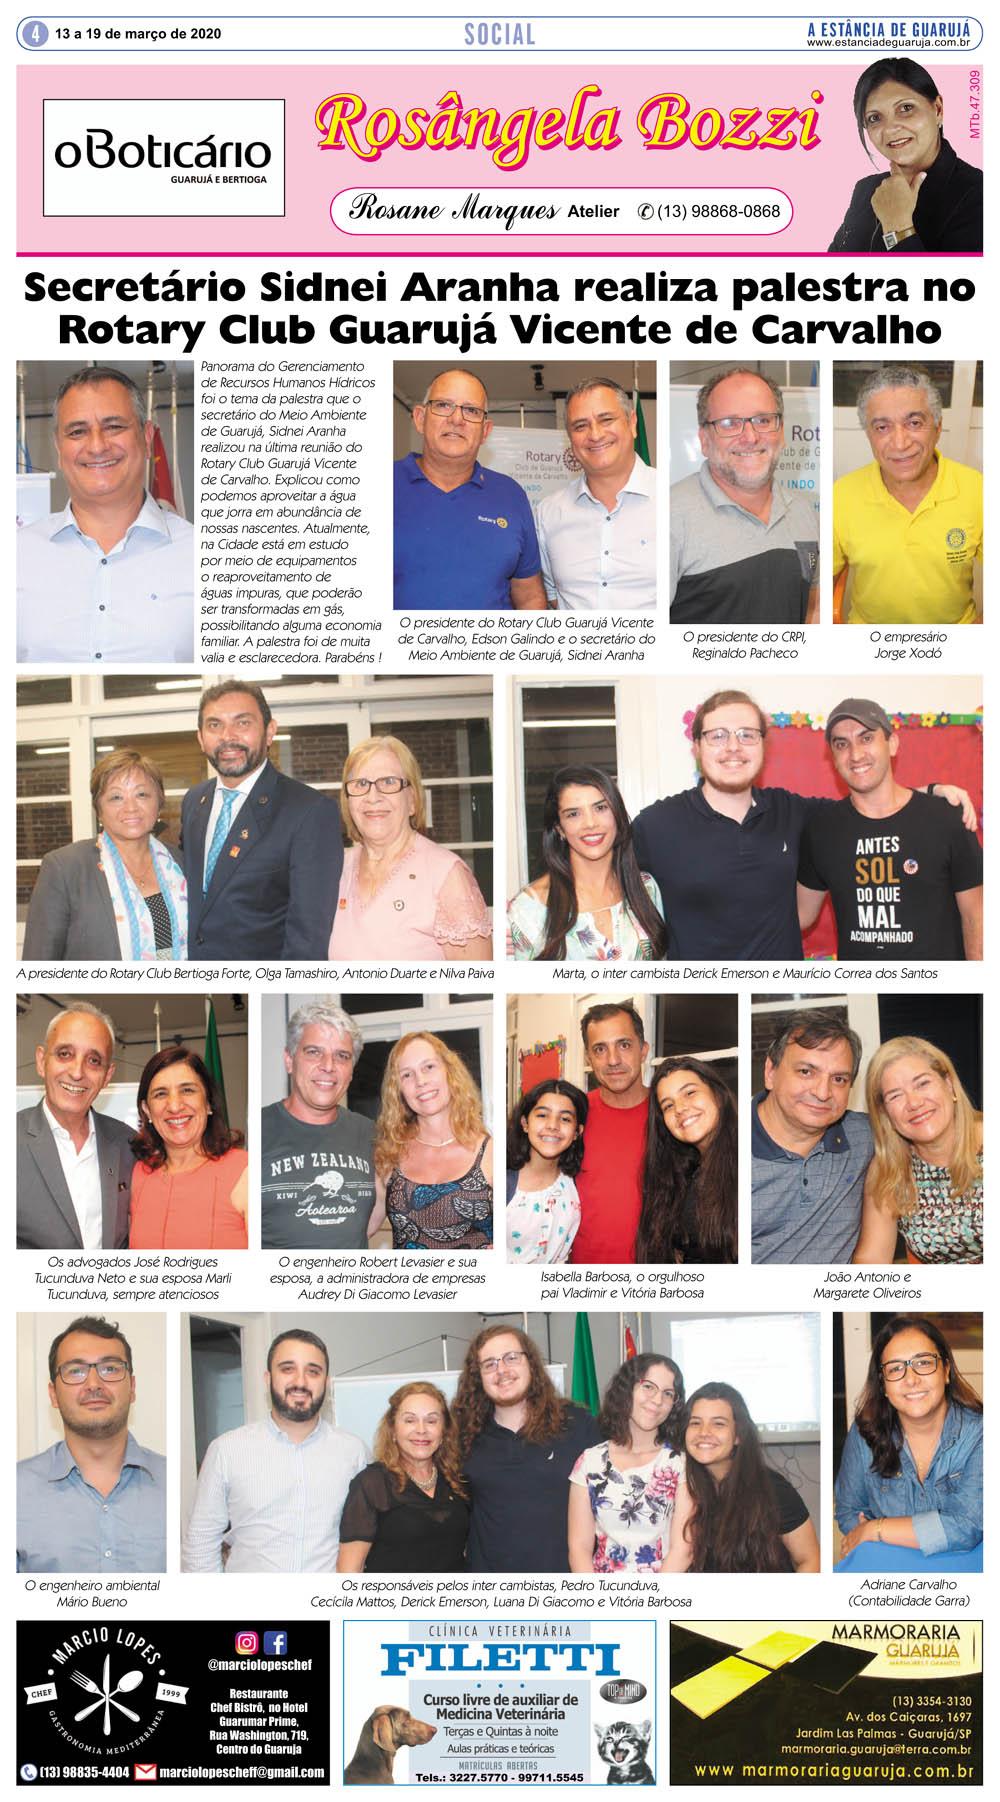 Sidnei Aranha realiza palestra no Rotary Club Guarujá VC